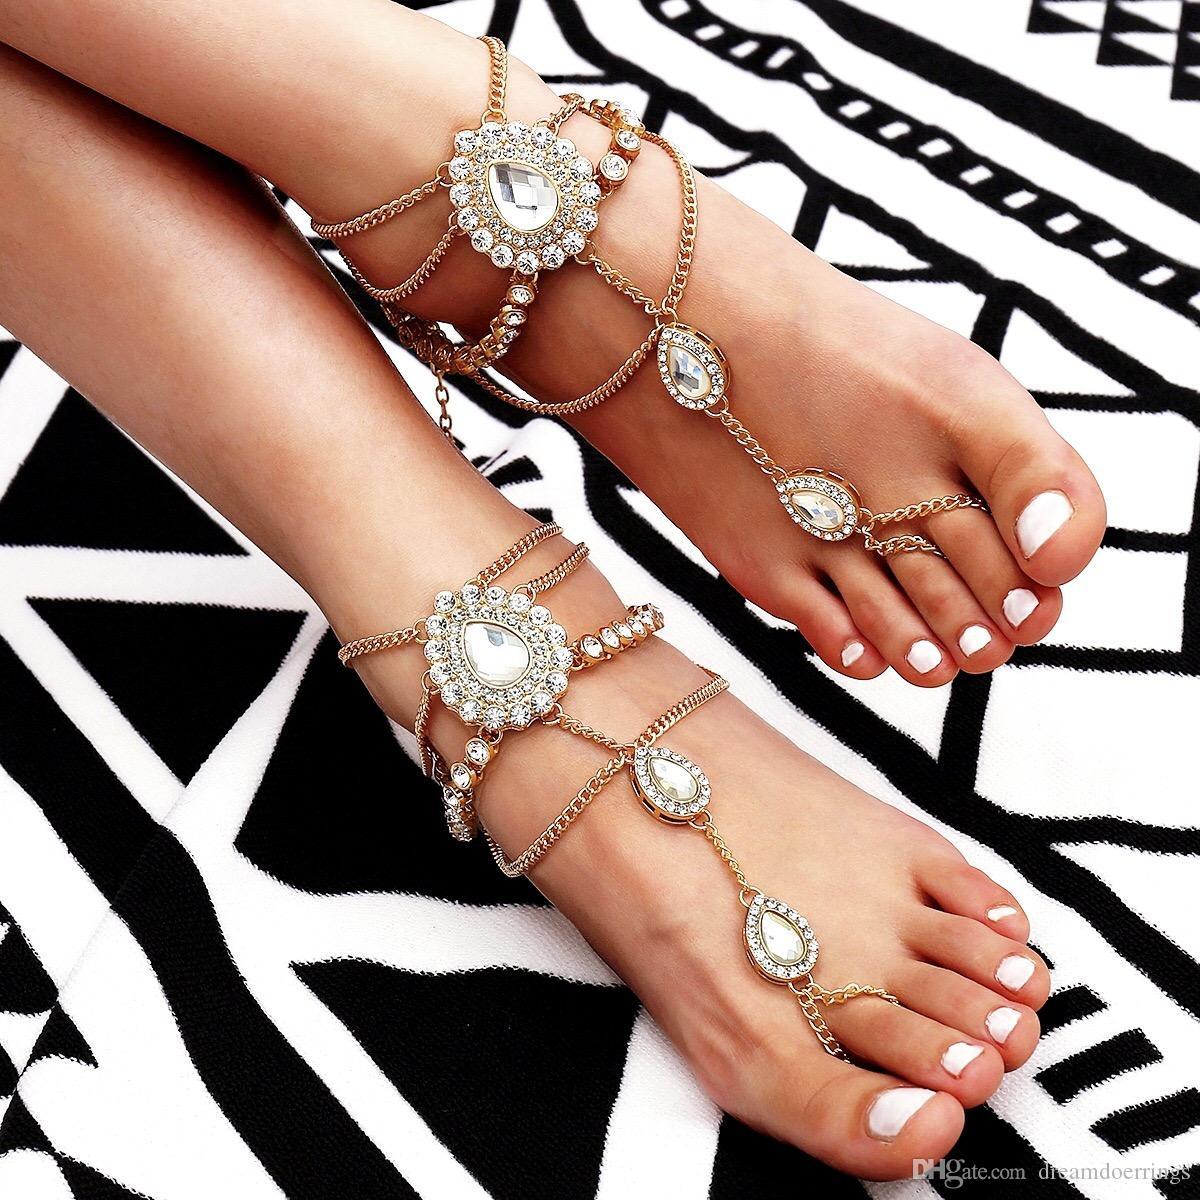 Plage de sable Casual Femmes Bracelets de cheville Cristal Zircon marqueté toutes les sélections européennes et américaines Hot vente Bracelets de cheville d'argent et de couleur d'or